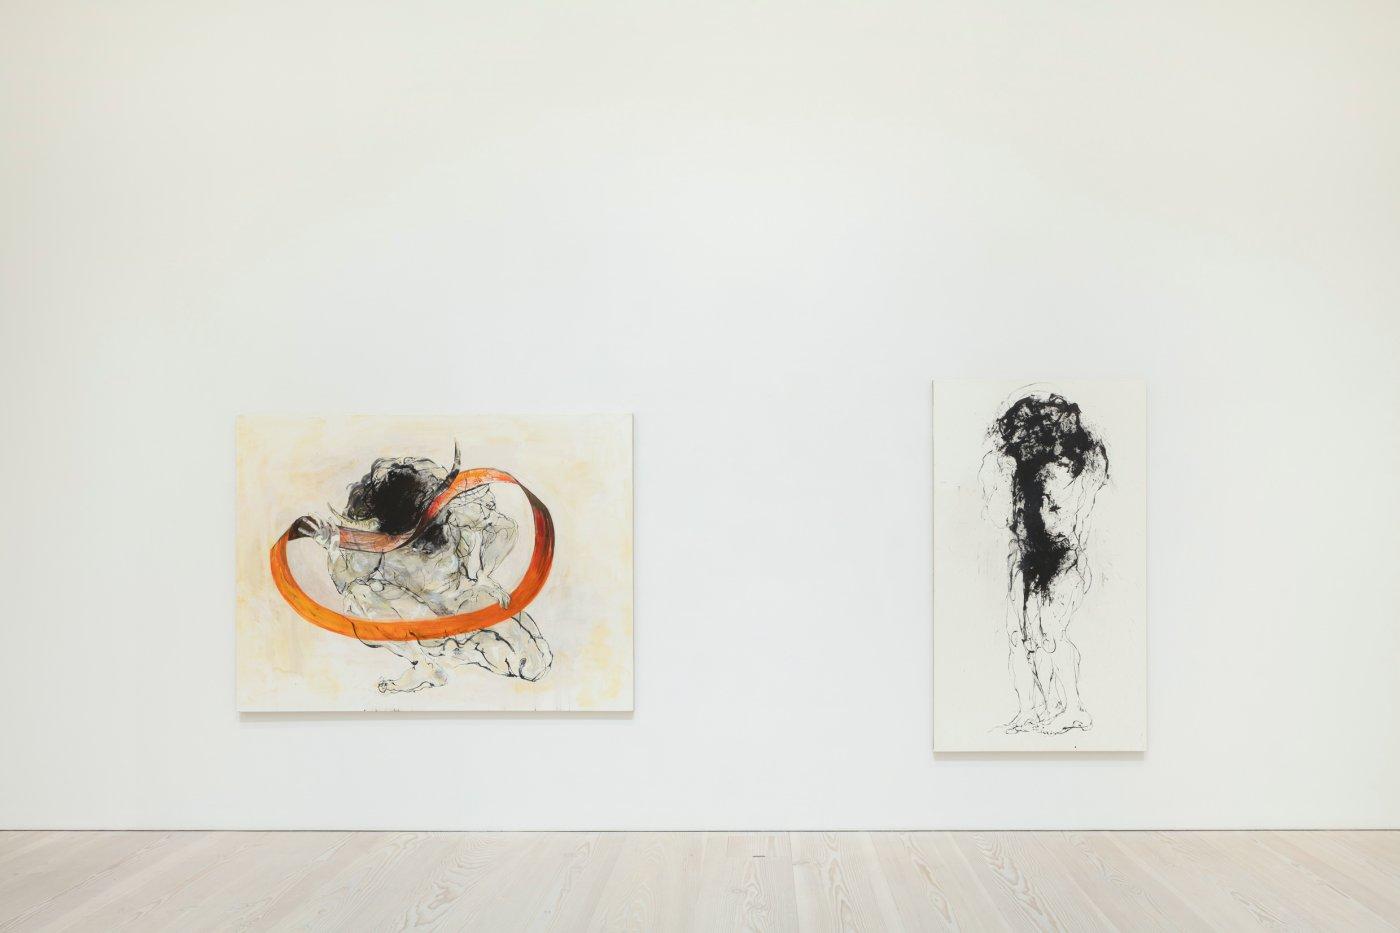 Galerie Forsblom Marjatta Tapiola 2